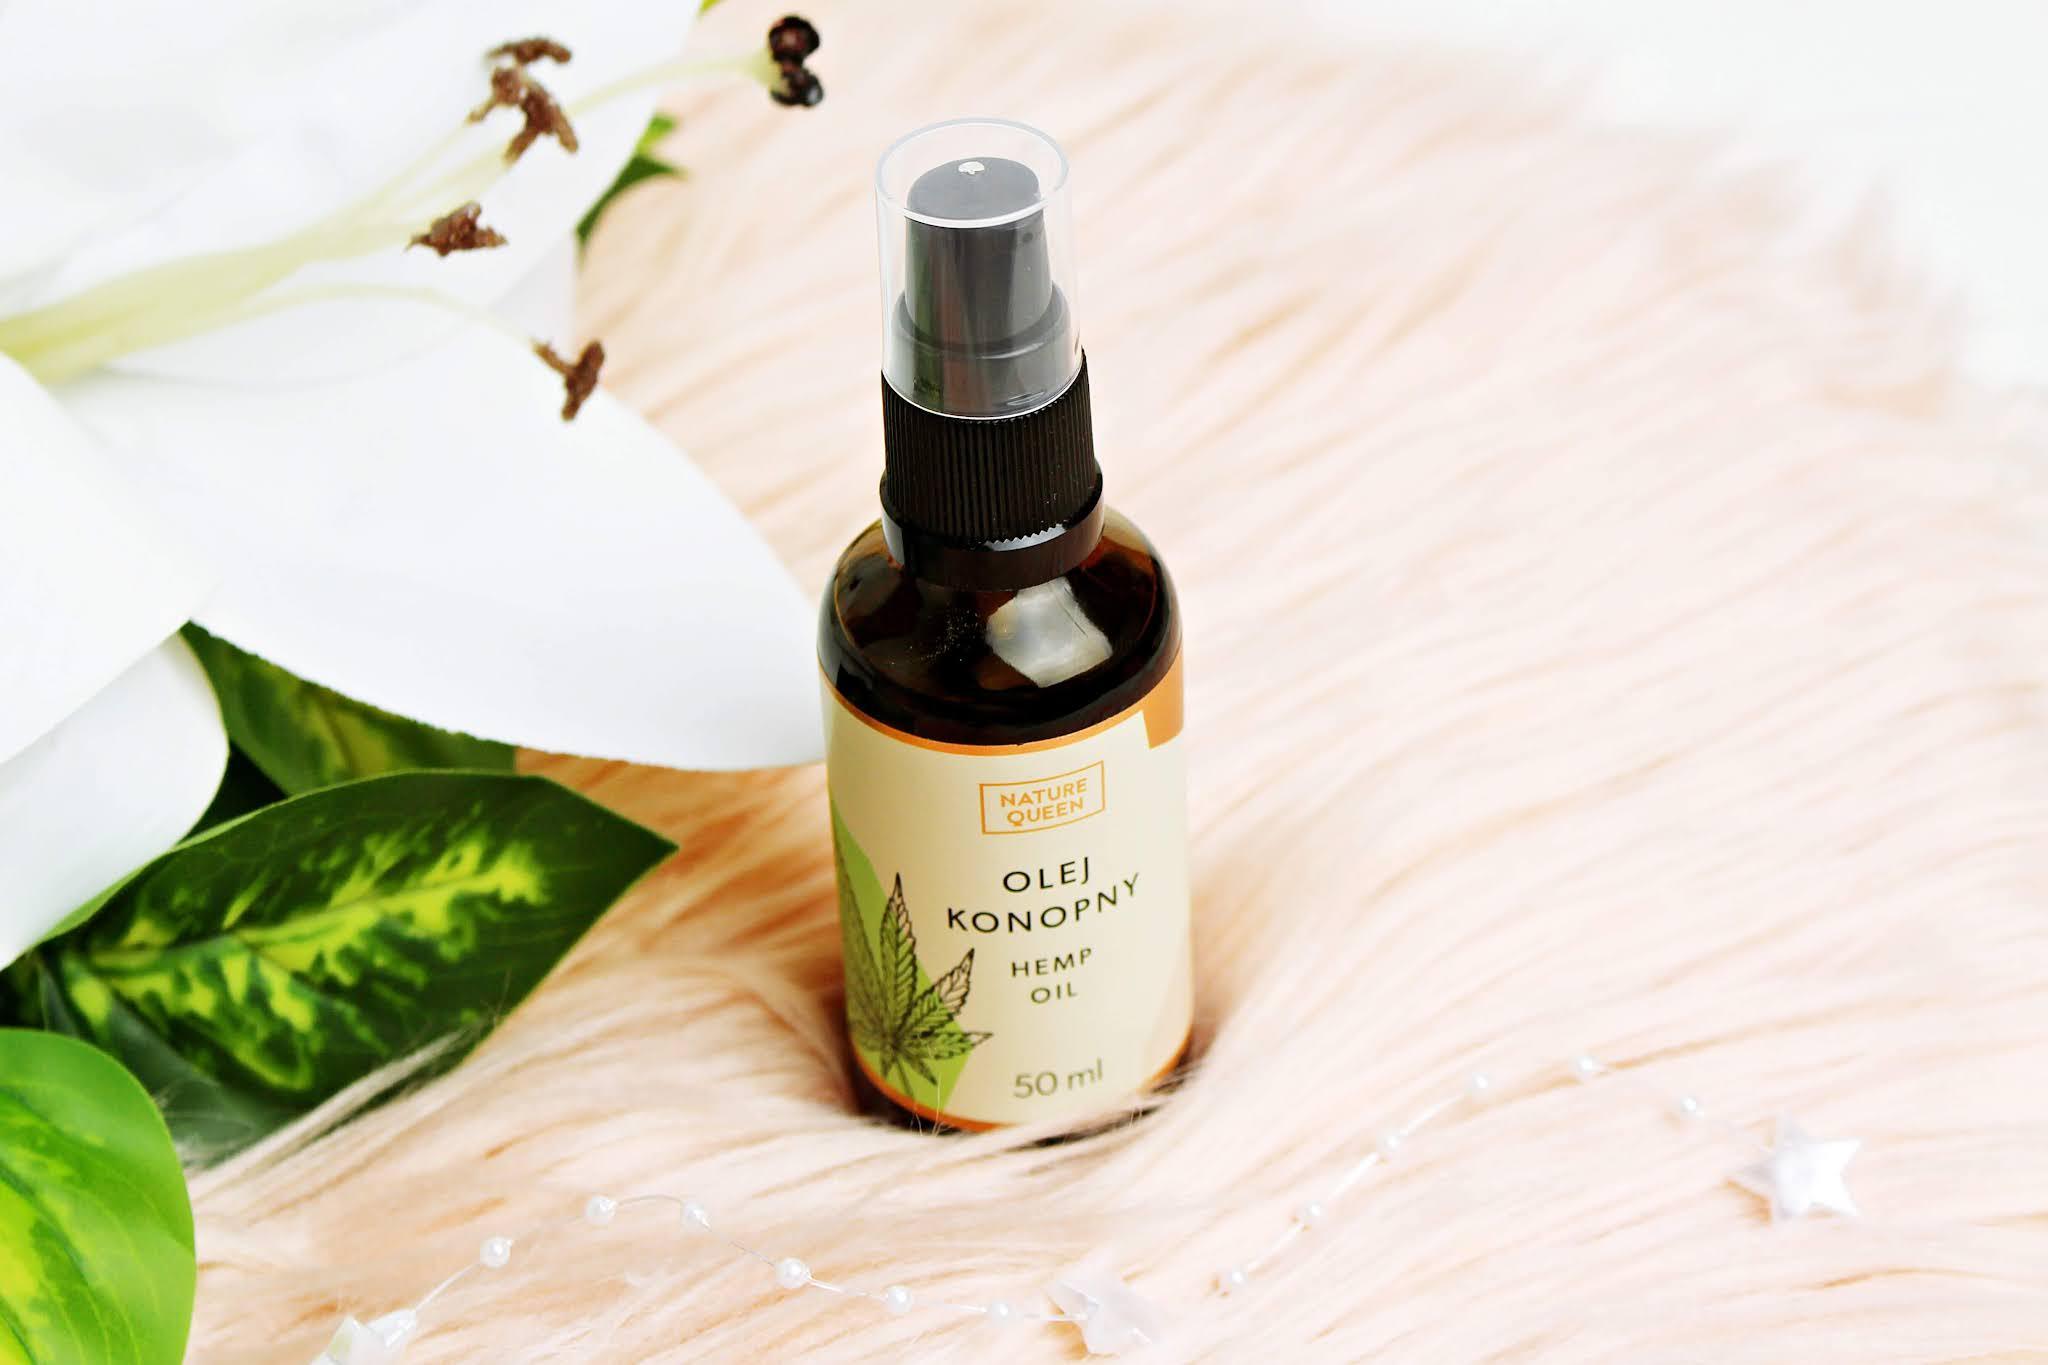 Olej konopny Nature Queen - Jak działa olej konopny?